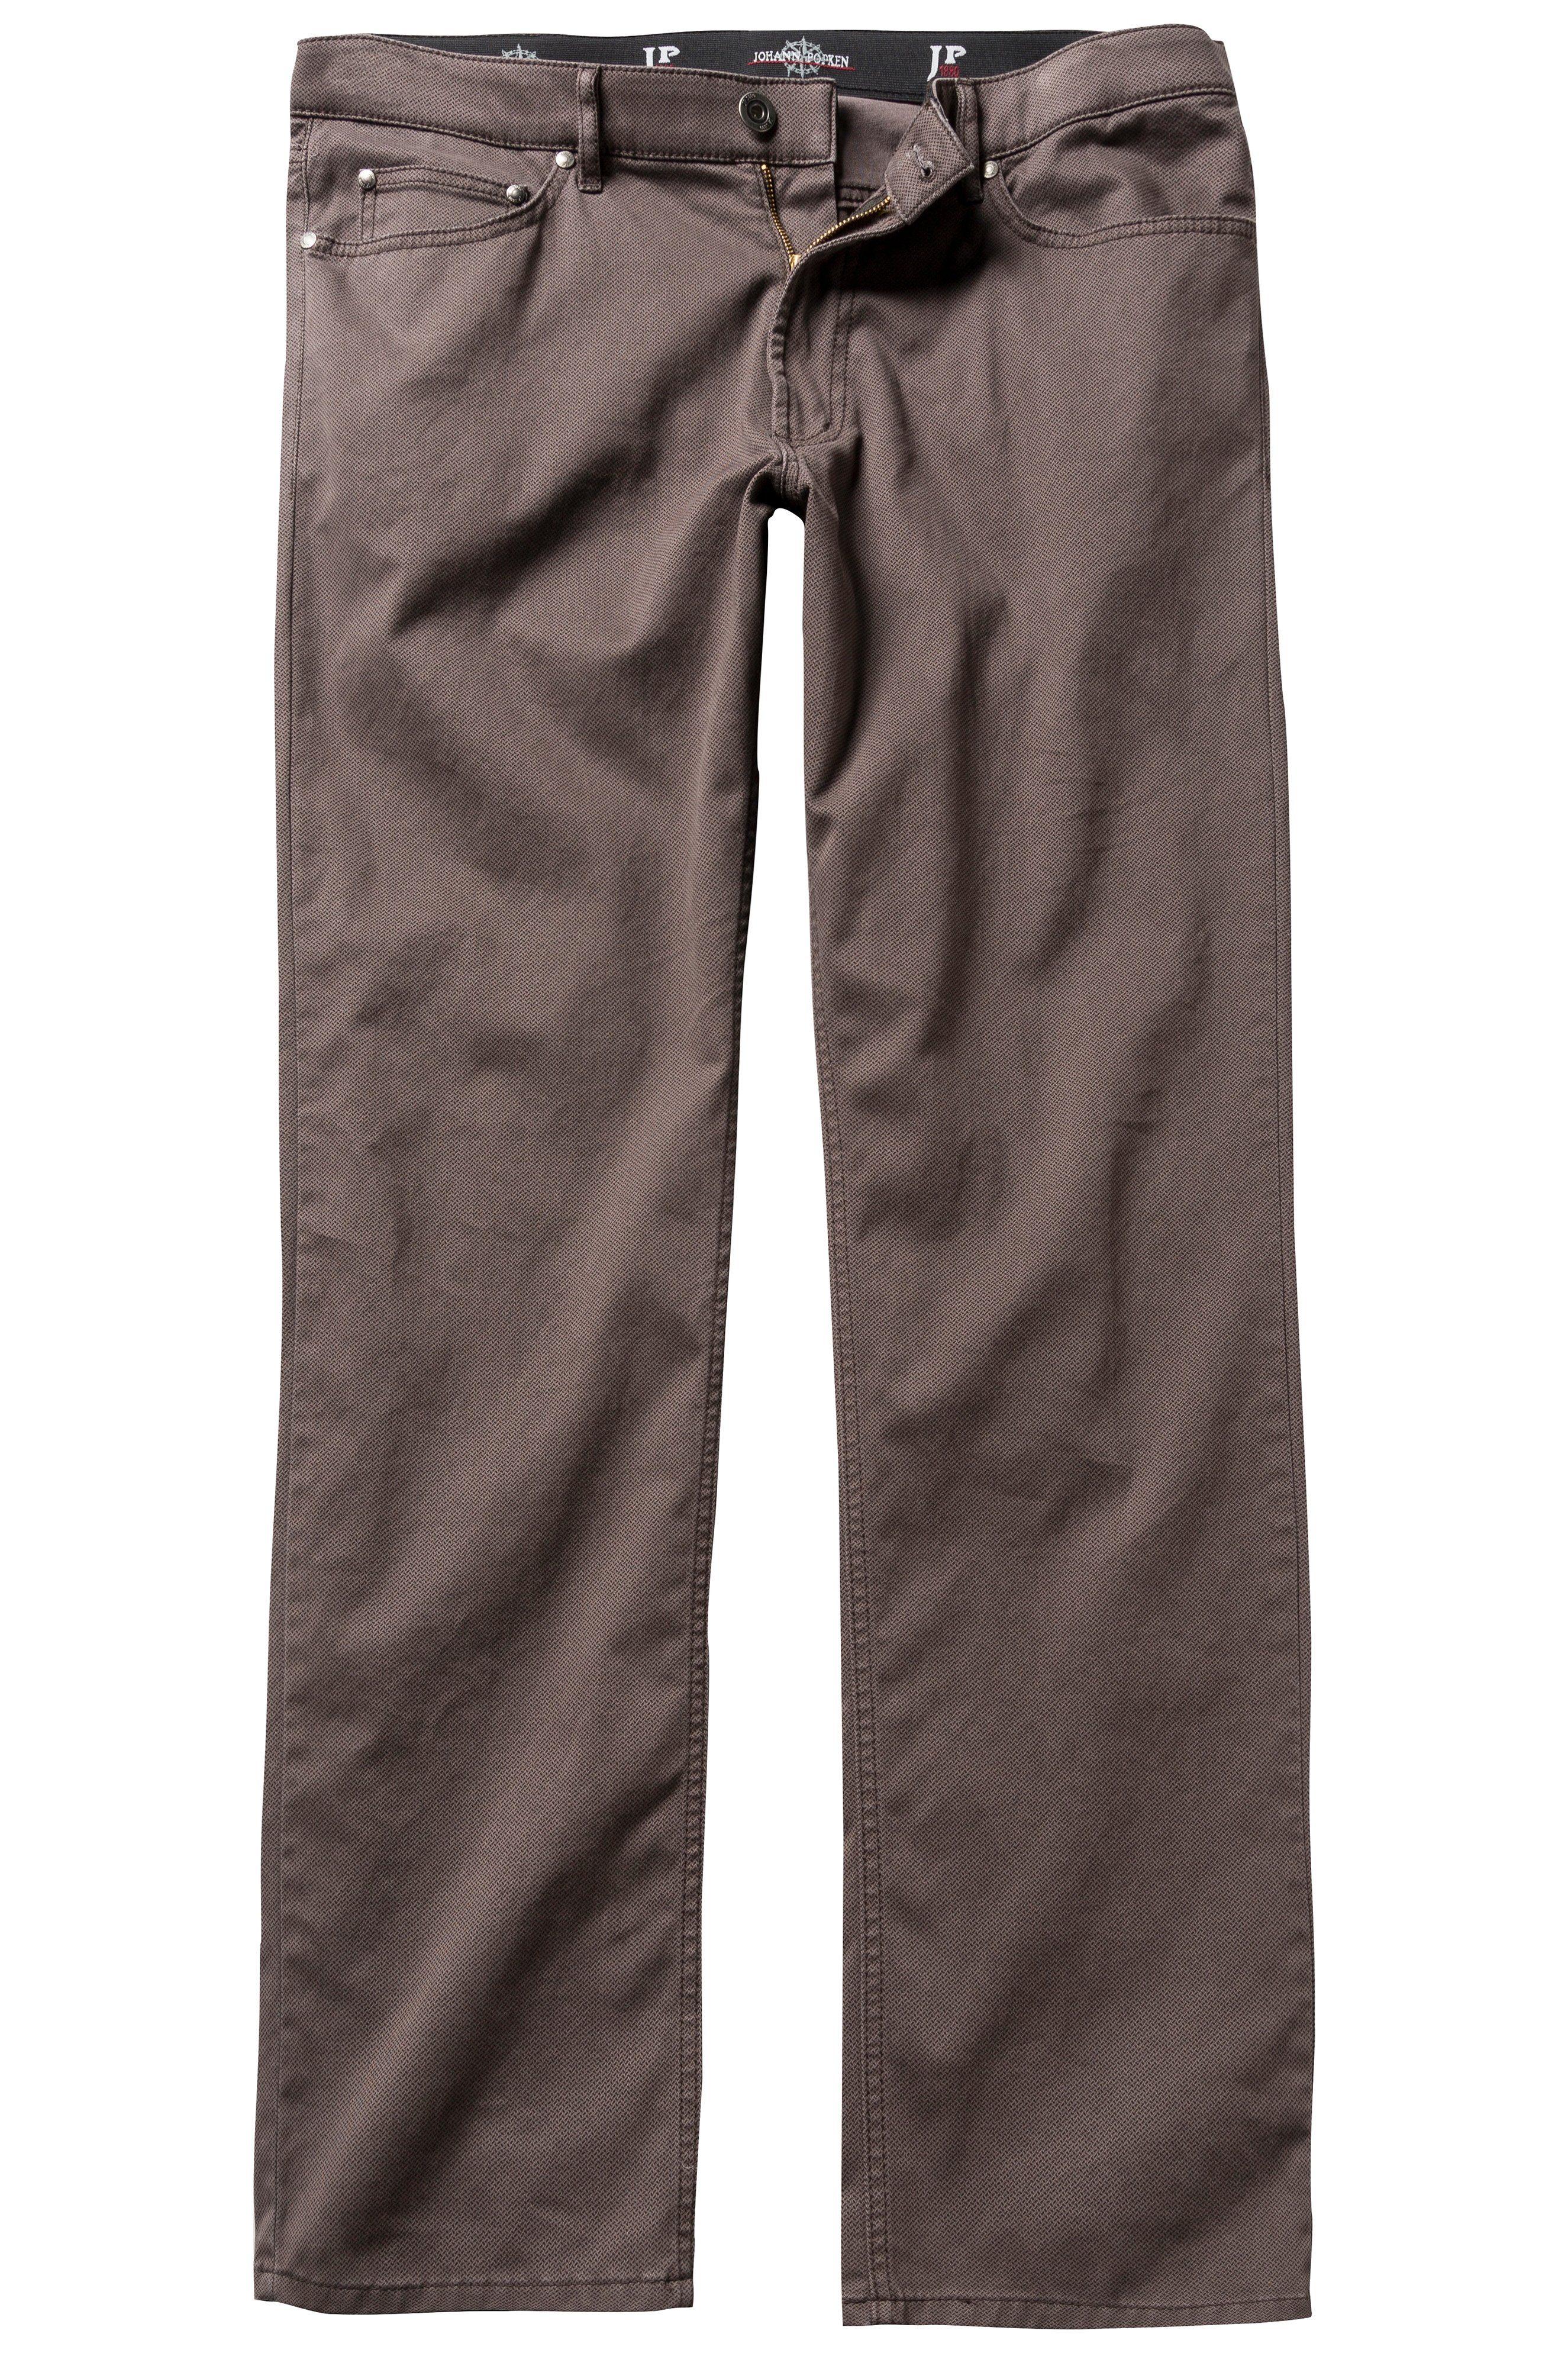 JP1880 Chinohose bis 66, 5-Pocket-Hose, Regular Fit, Zipper, Gürtelschlaufen, Minimalmuster, Baumwolle